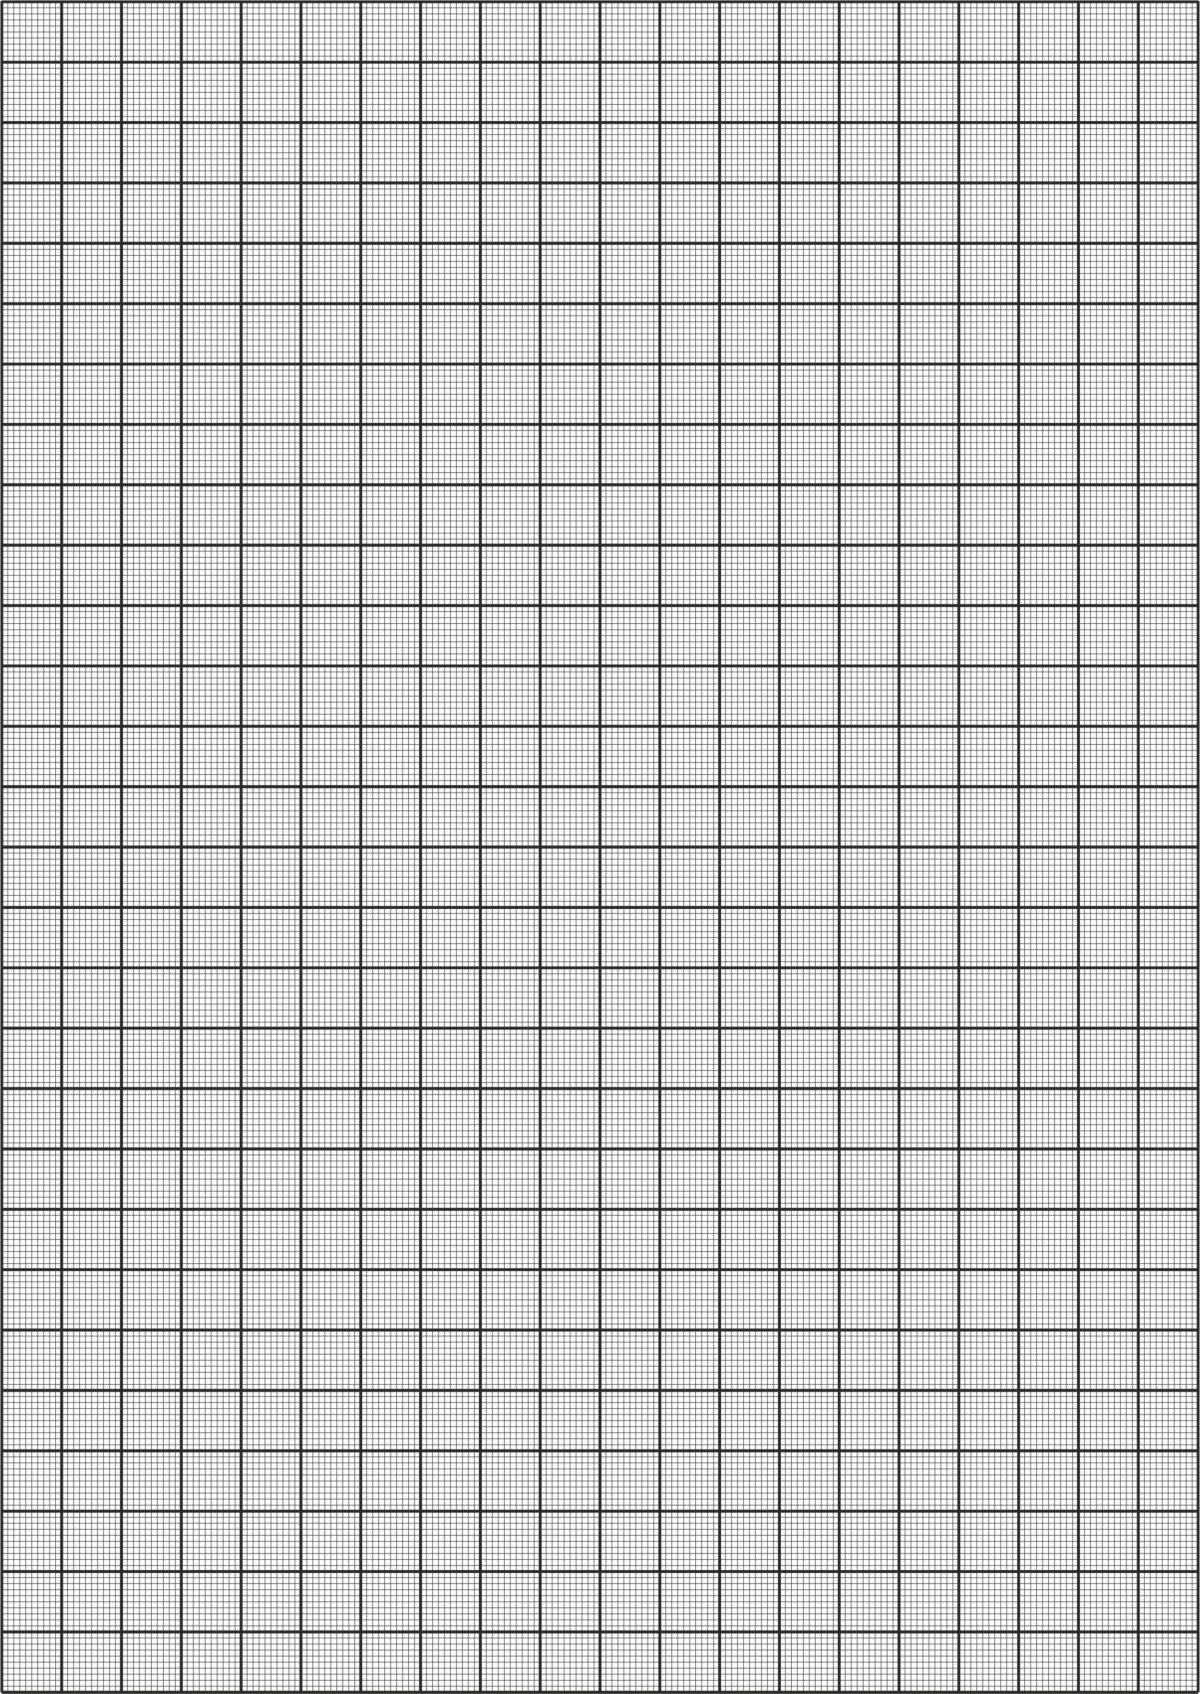 Миллиметровка формата А4